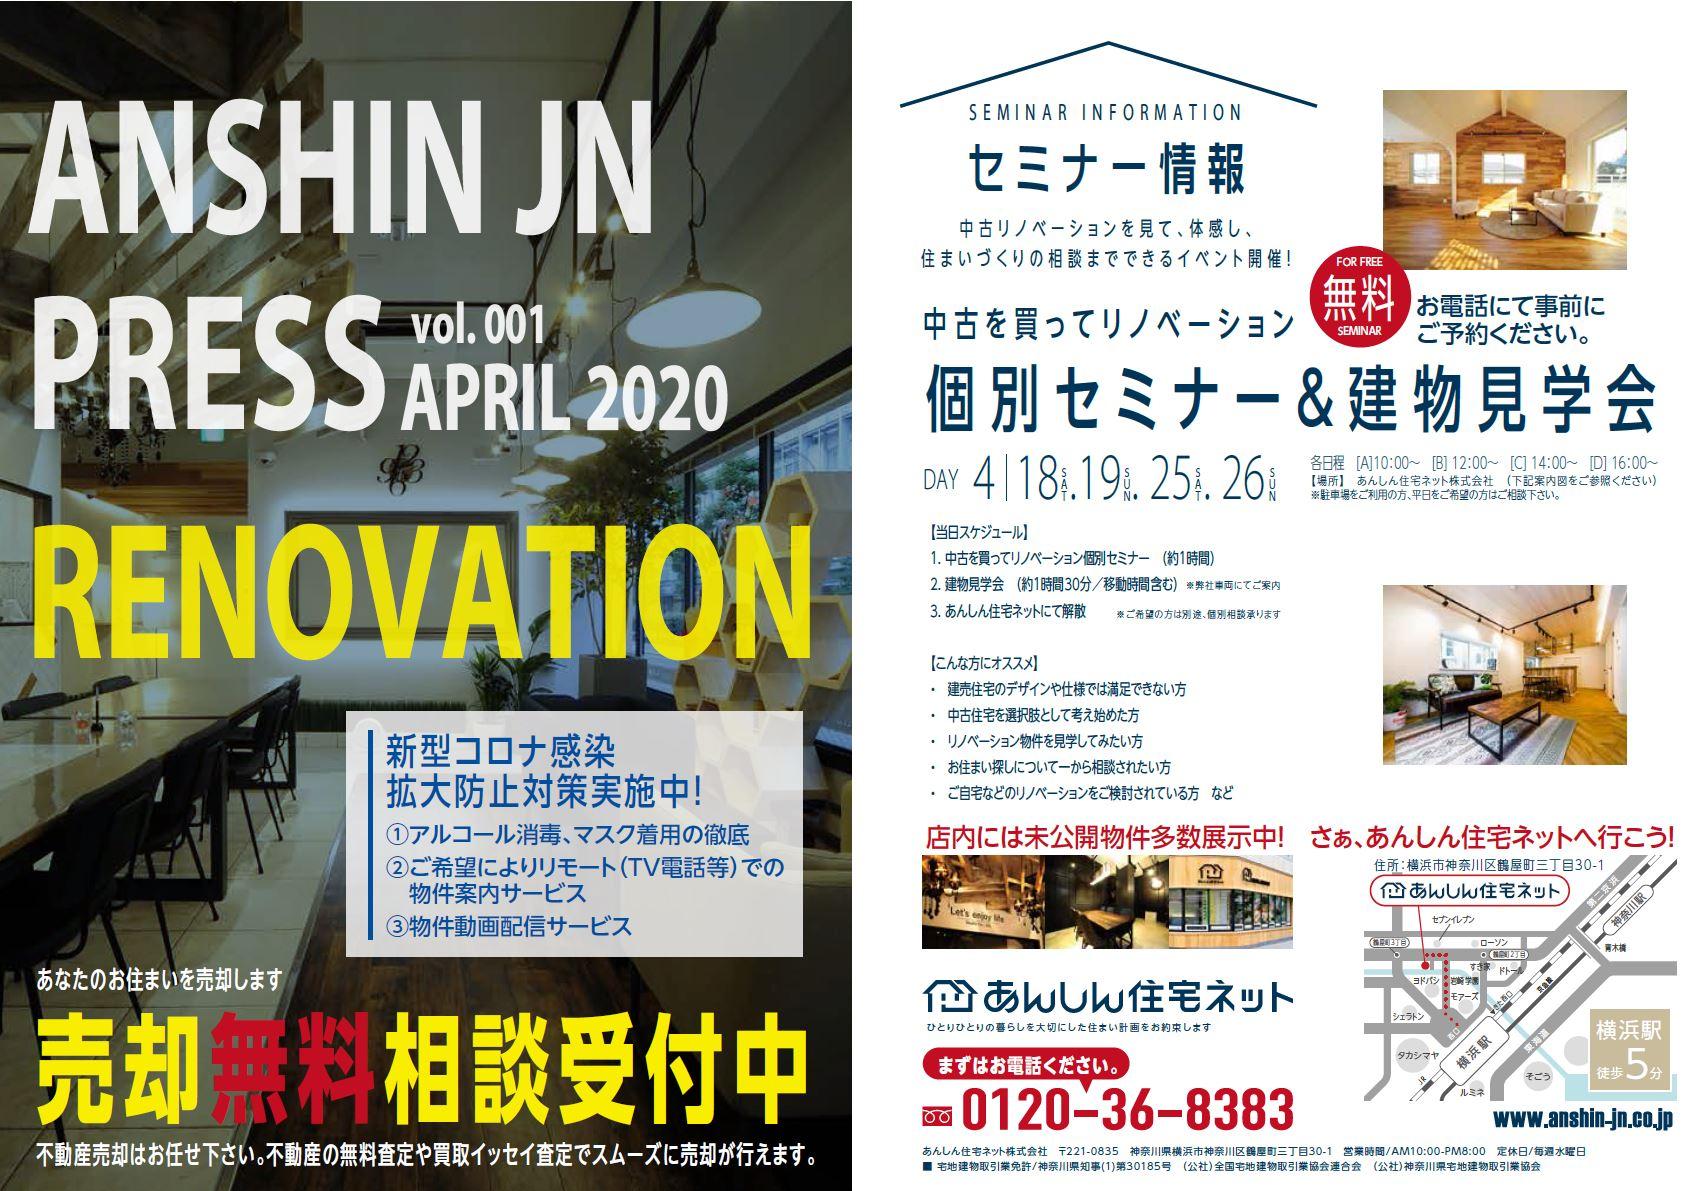 【無料・1日4回開催】個別セミナー&建物見学会 4/25(土)16時~